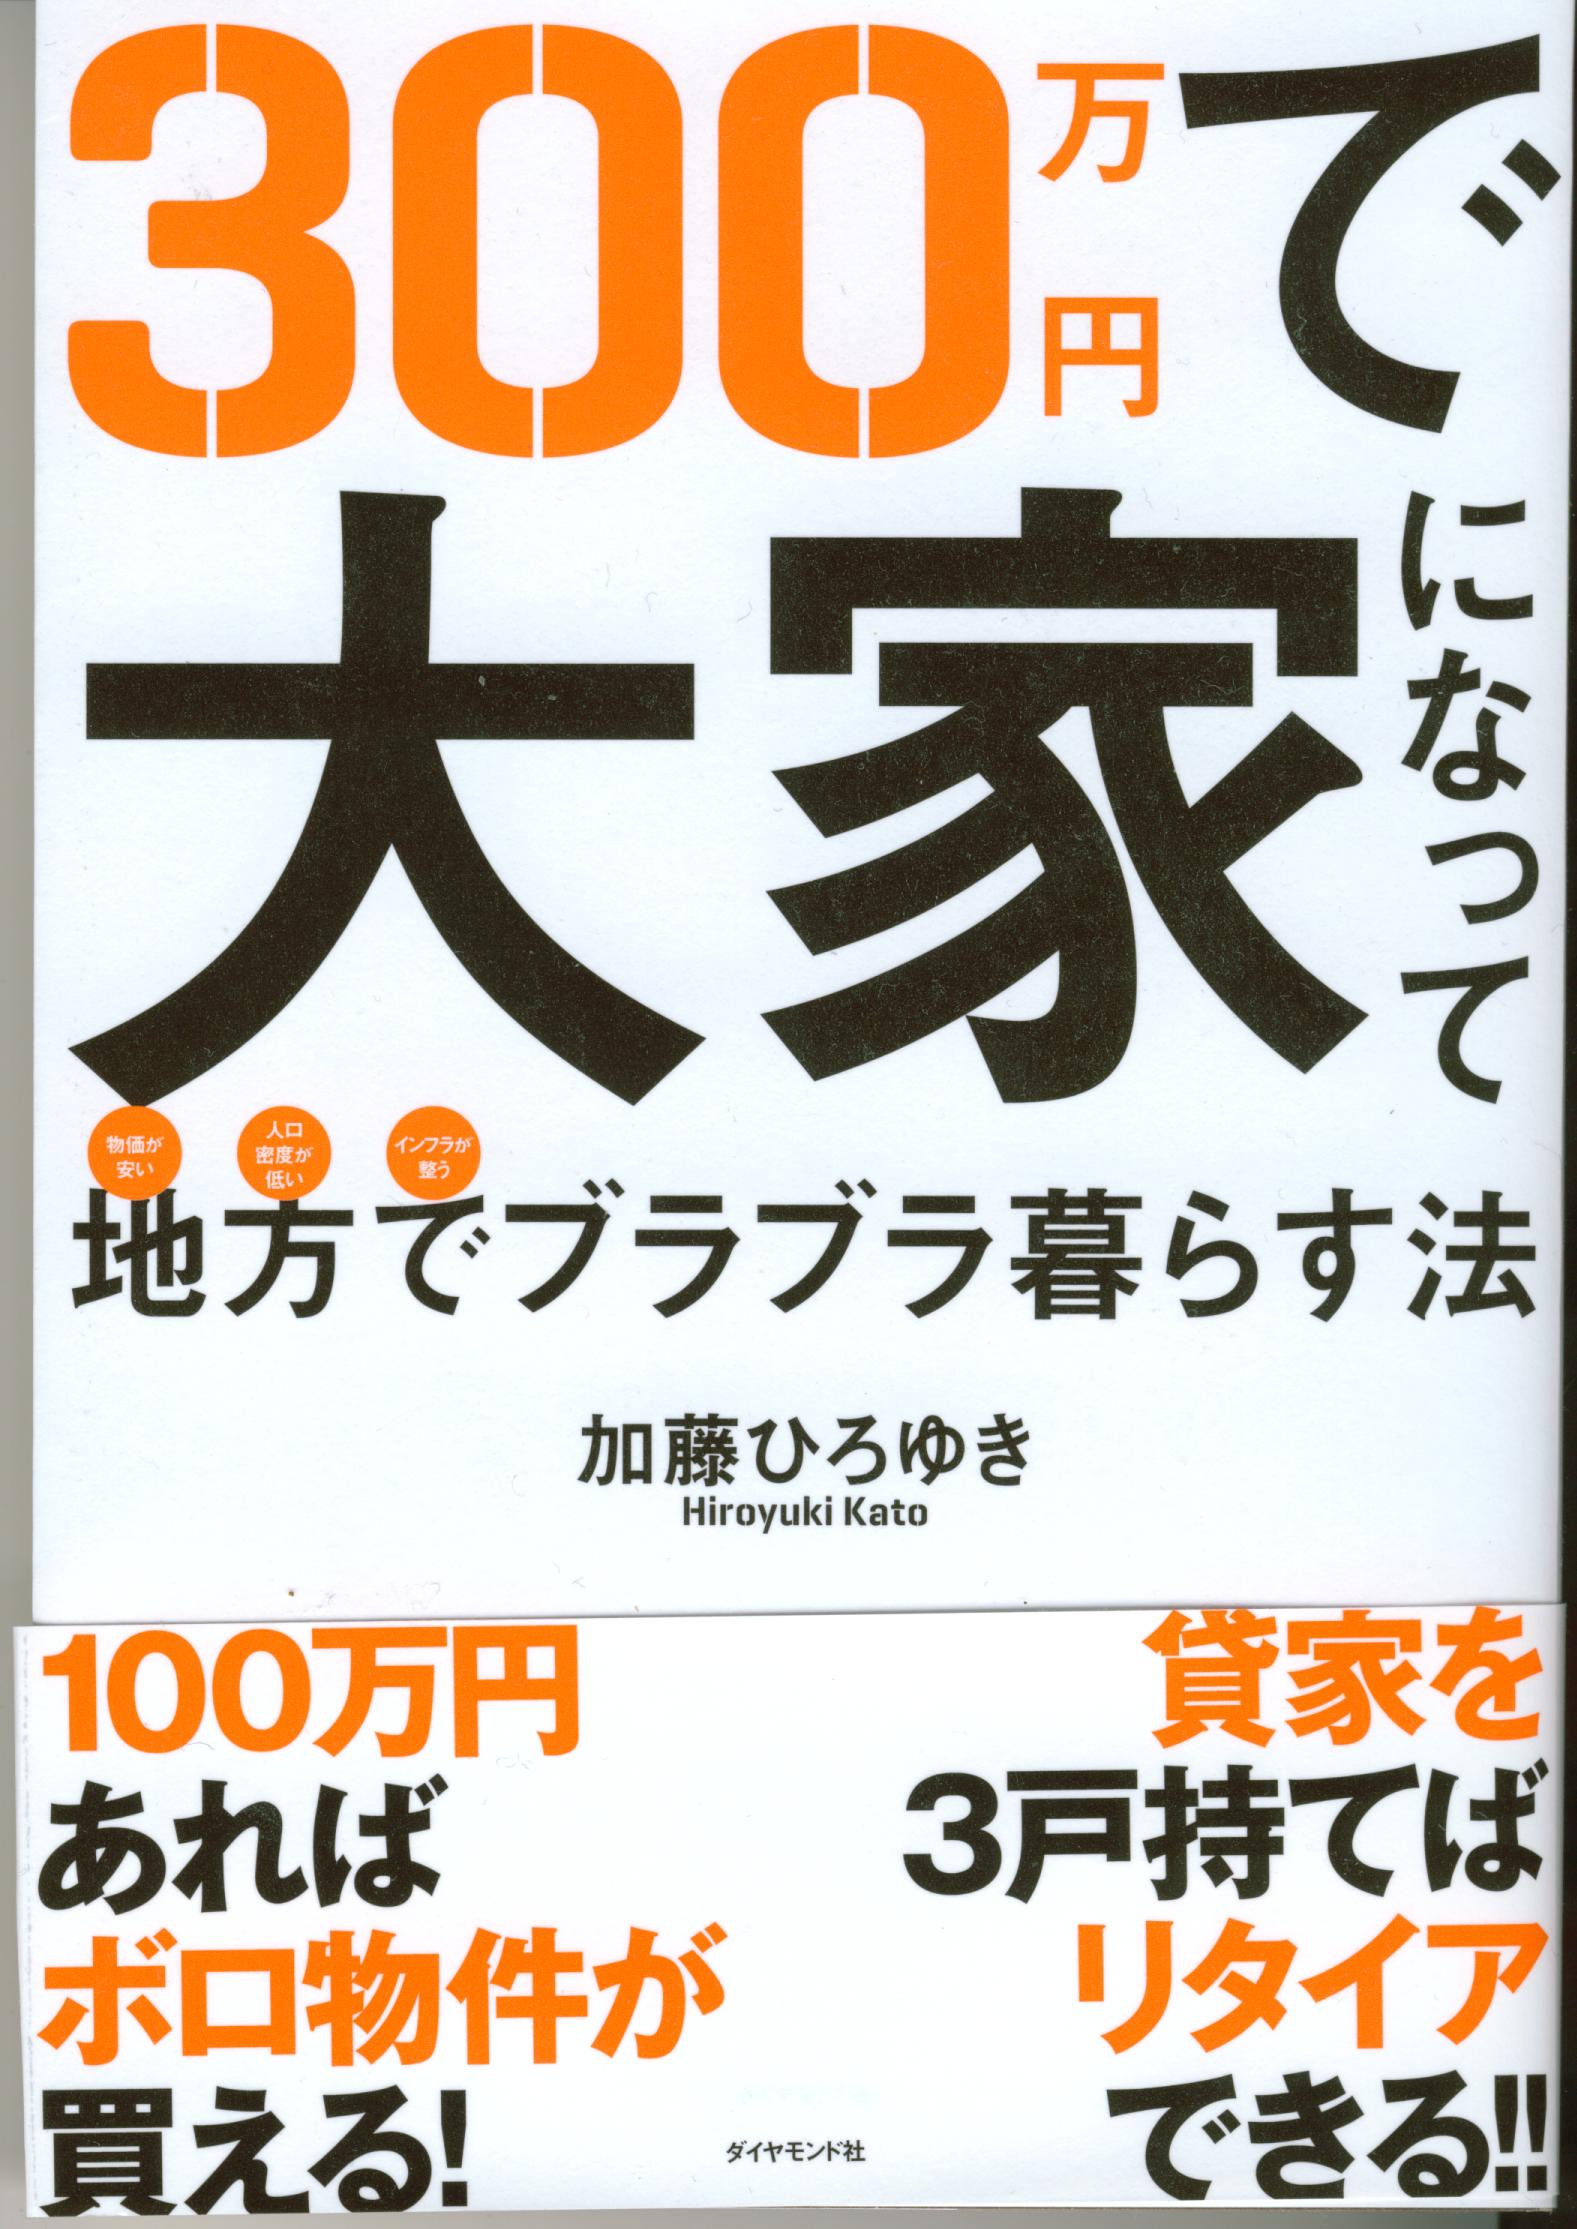 katohirouki